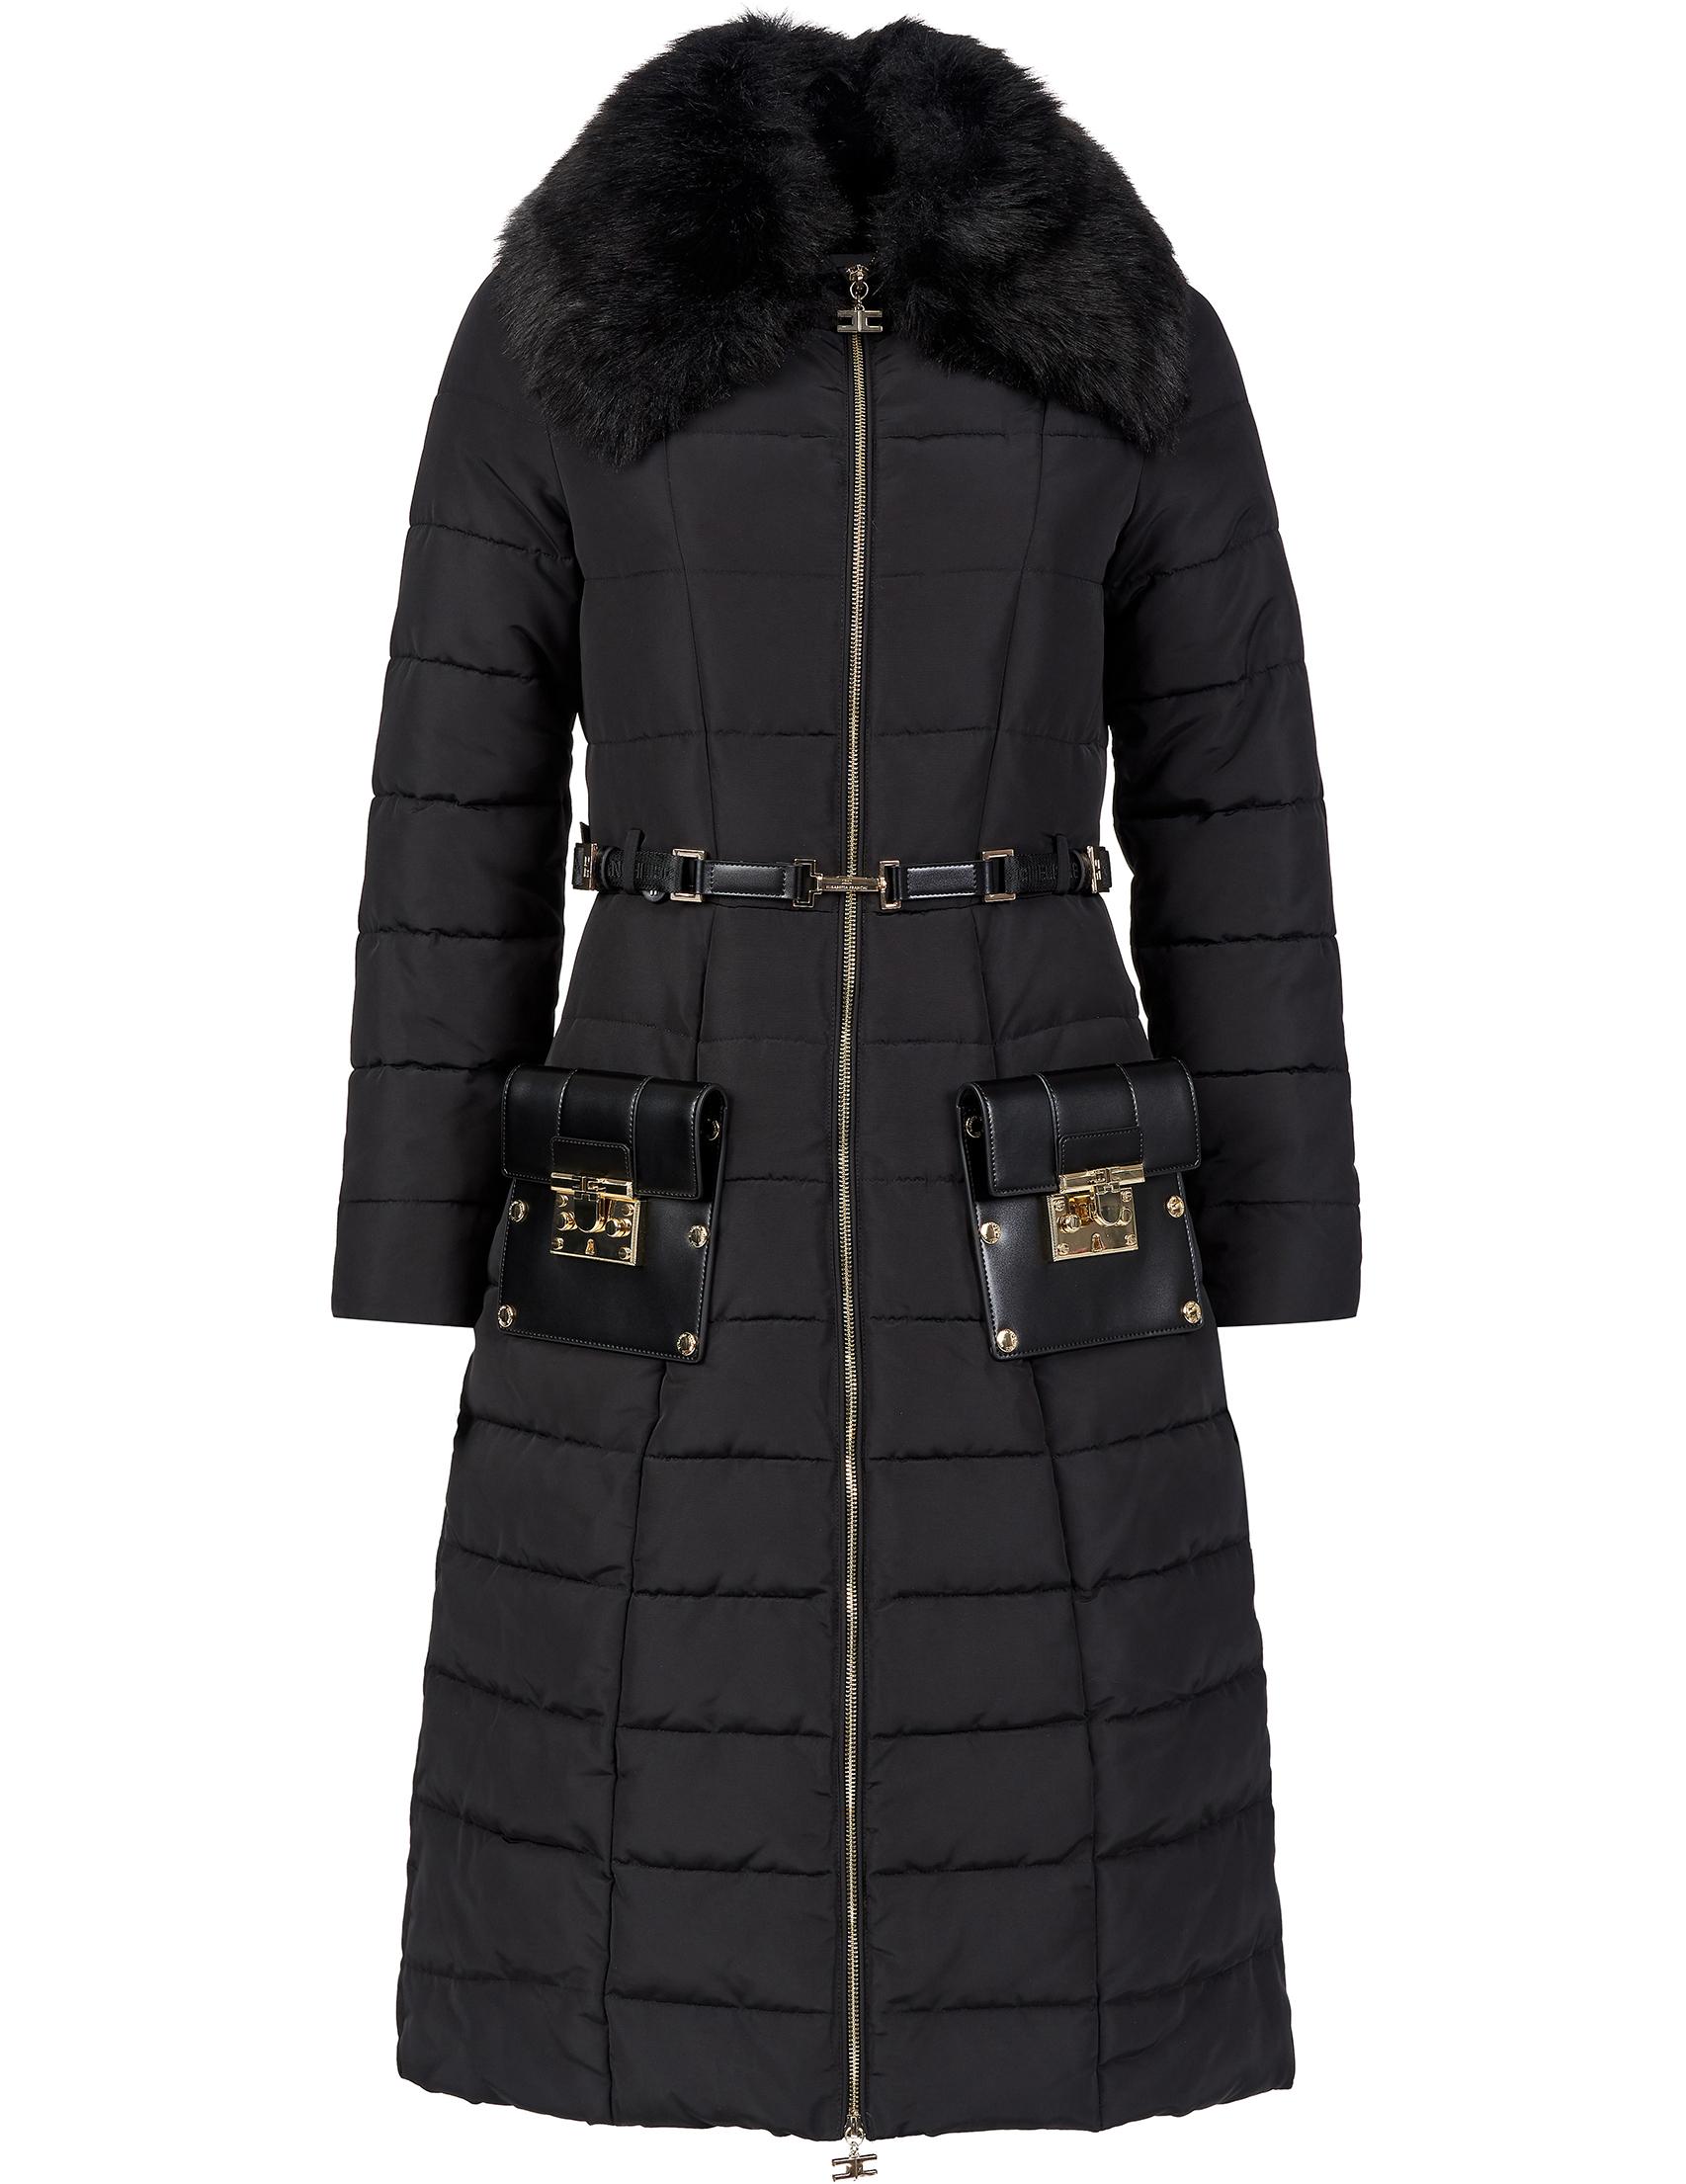 Купить Пальто, ELISABETTA FRANCHI, Черный, 100%Полиэстер, Осень-Зима